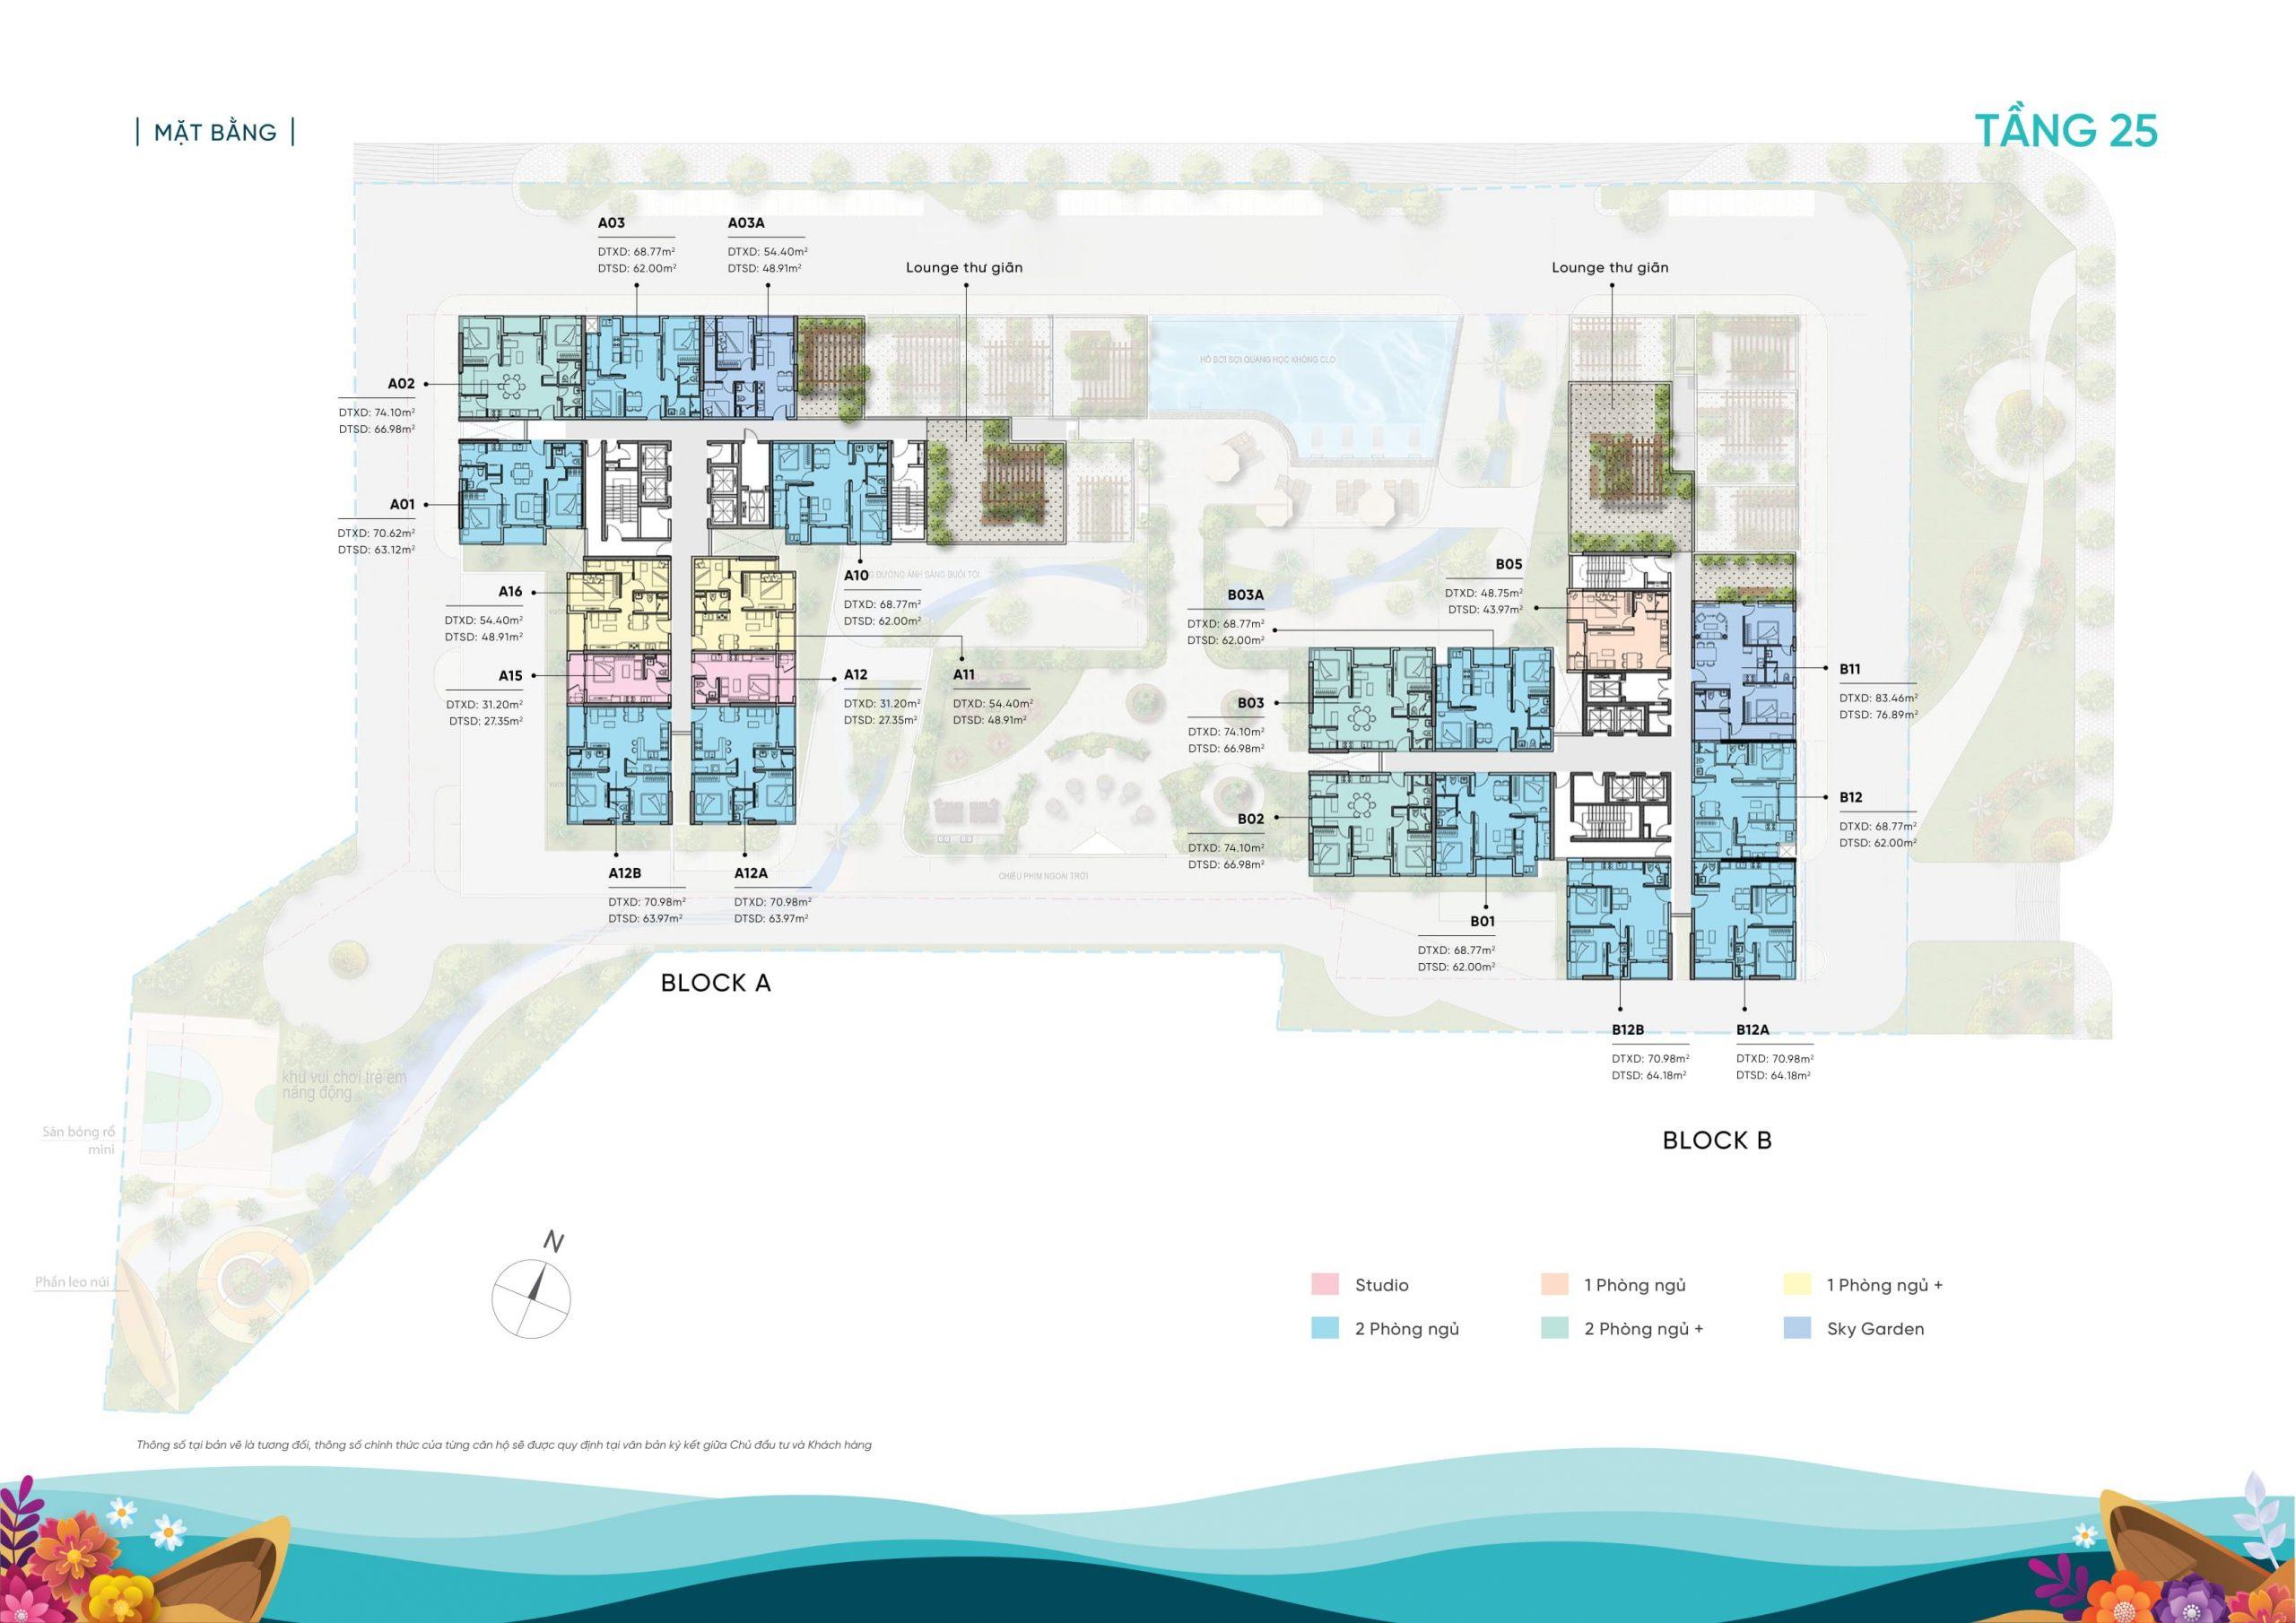 Mặt bằng tầng 25 căn hộ D-Aqua Quận 8 chủ đầu tư DHA